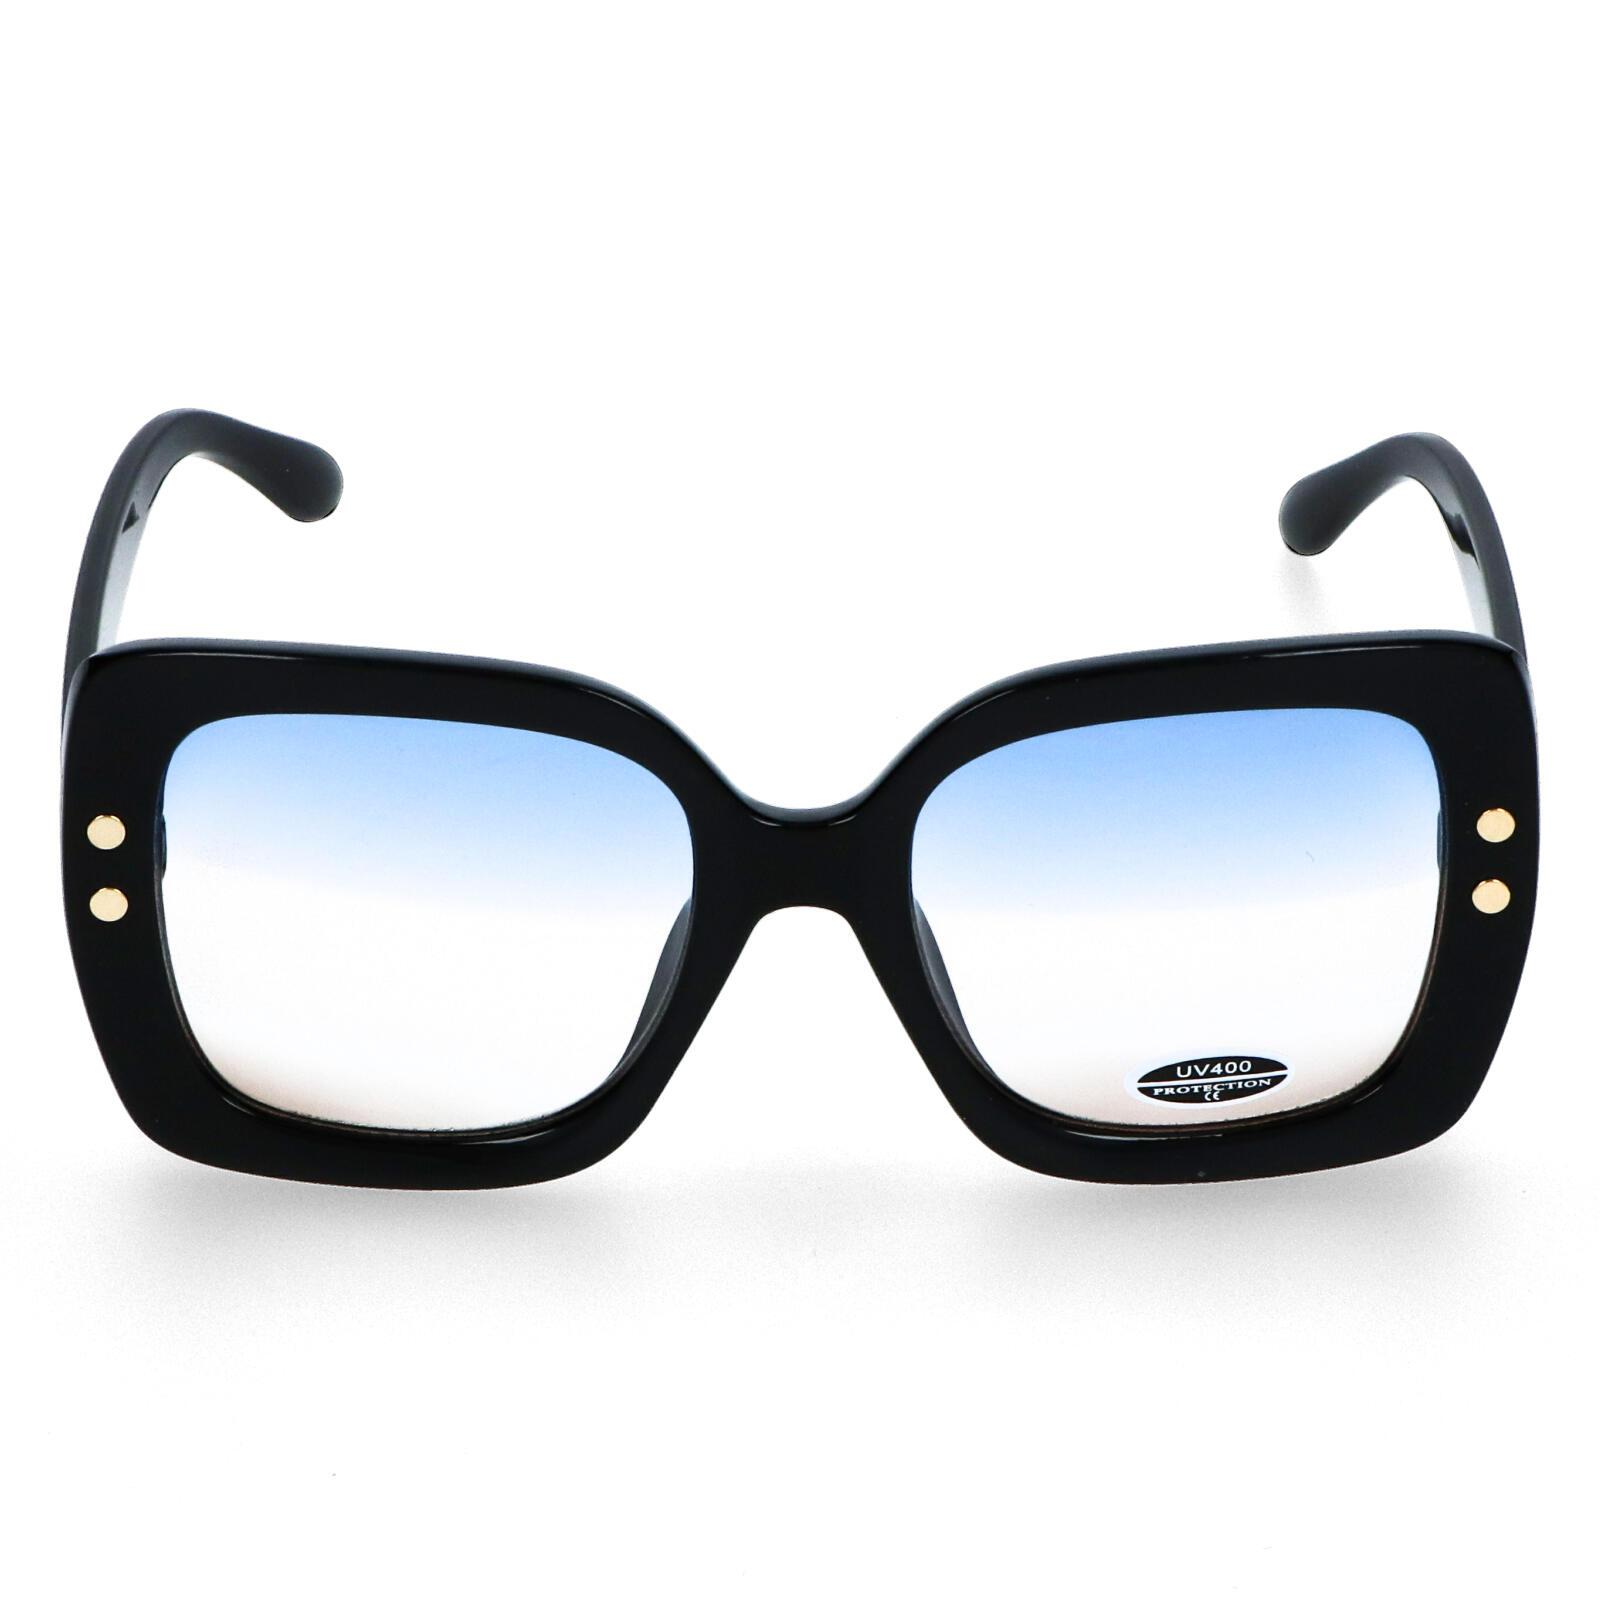 Dámske slnečné okuliare čierne - S1013